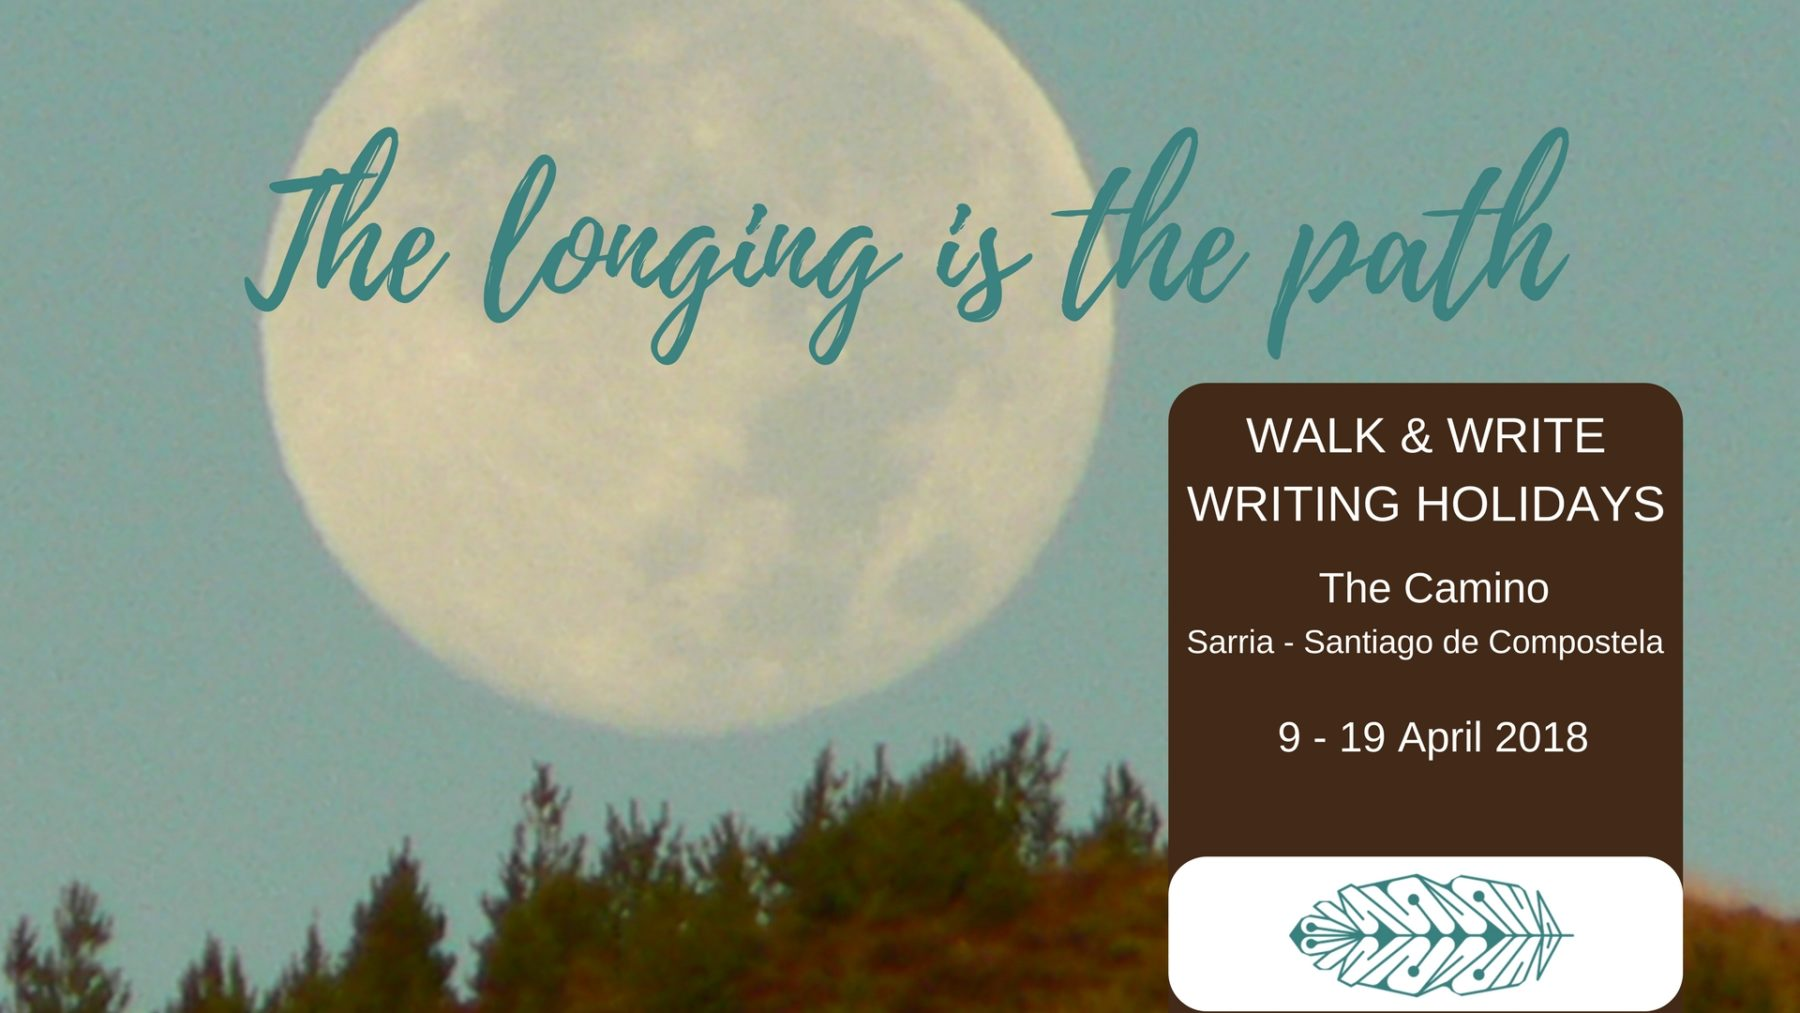 2 – the camino writing holiday 2018